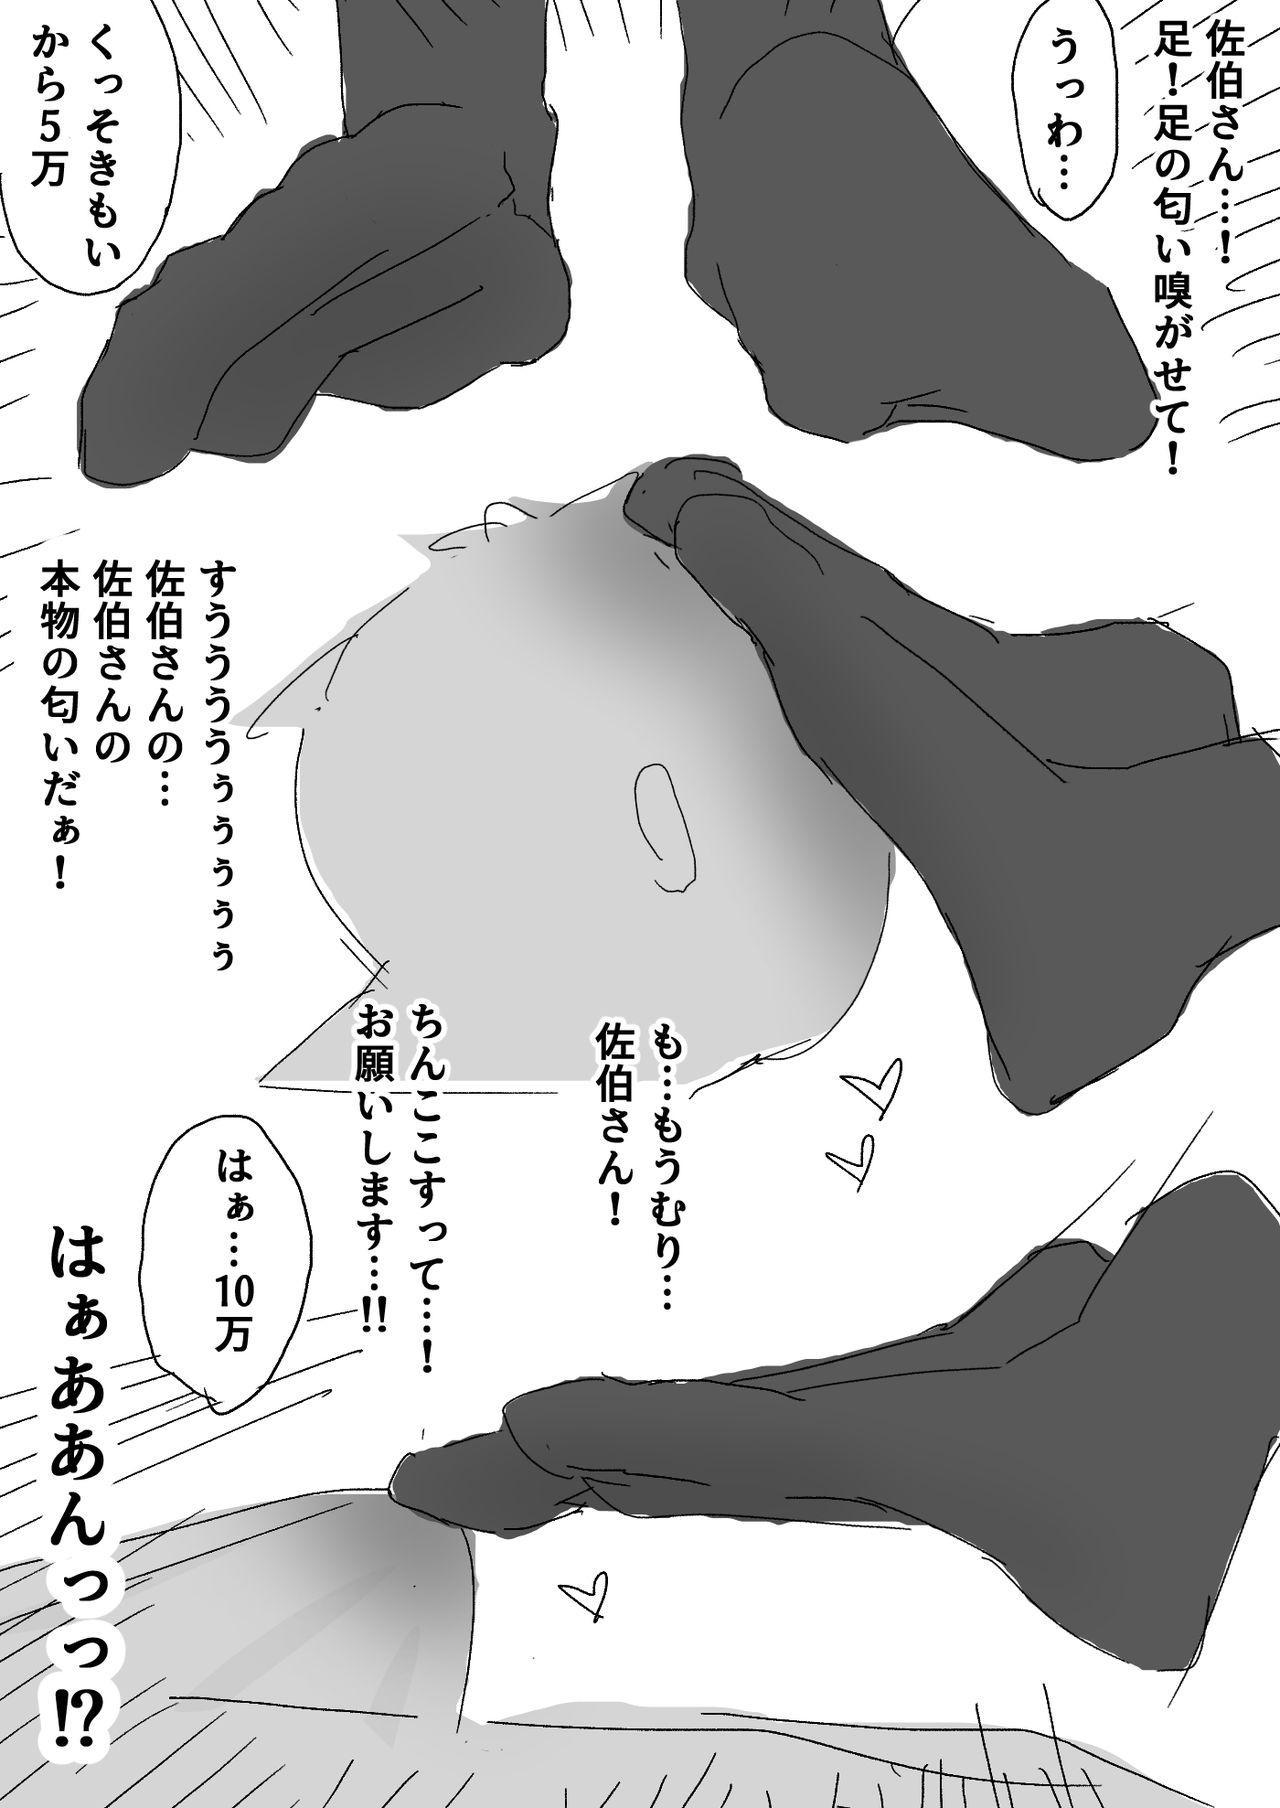 Saeki-san kansatsu nikki 9